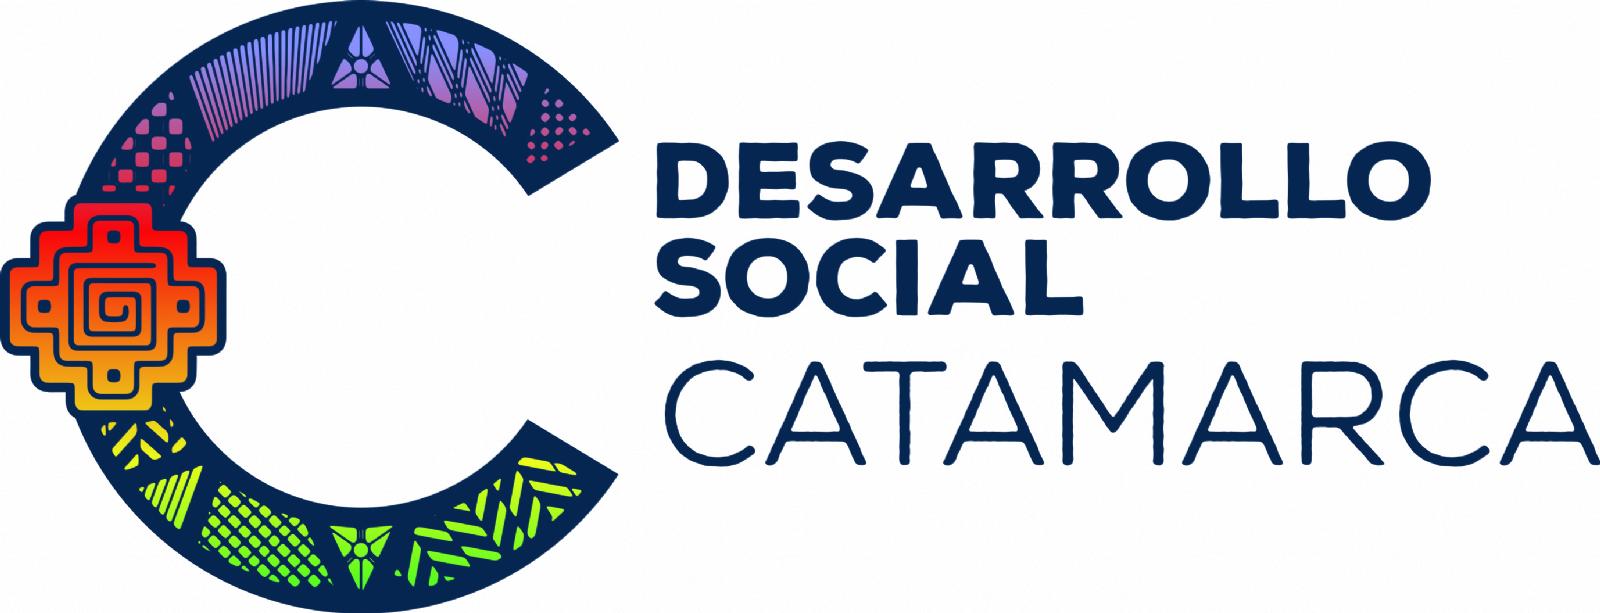 Resultado de imagen para desarrollo social catamarca